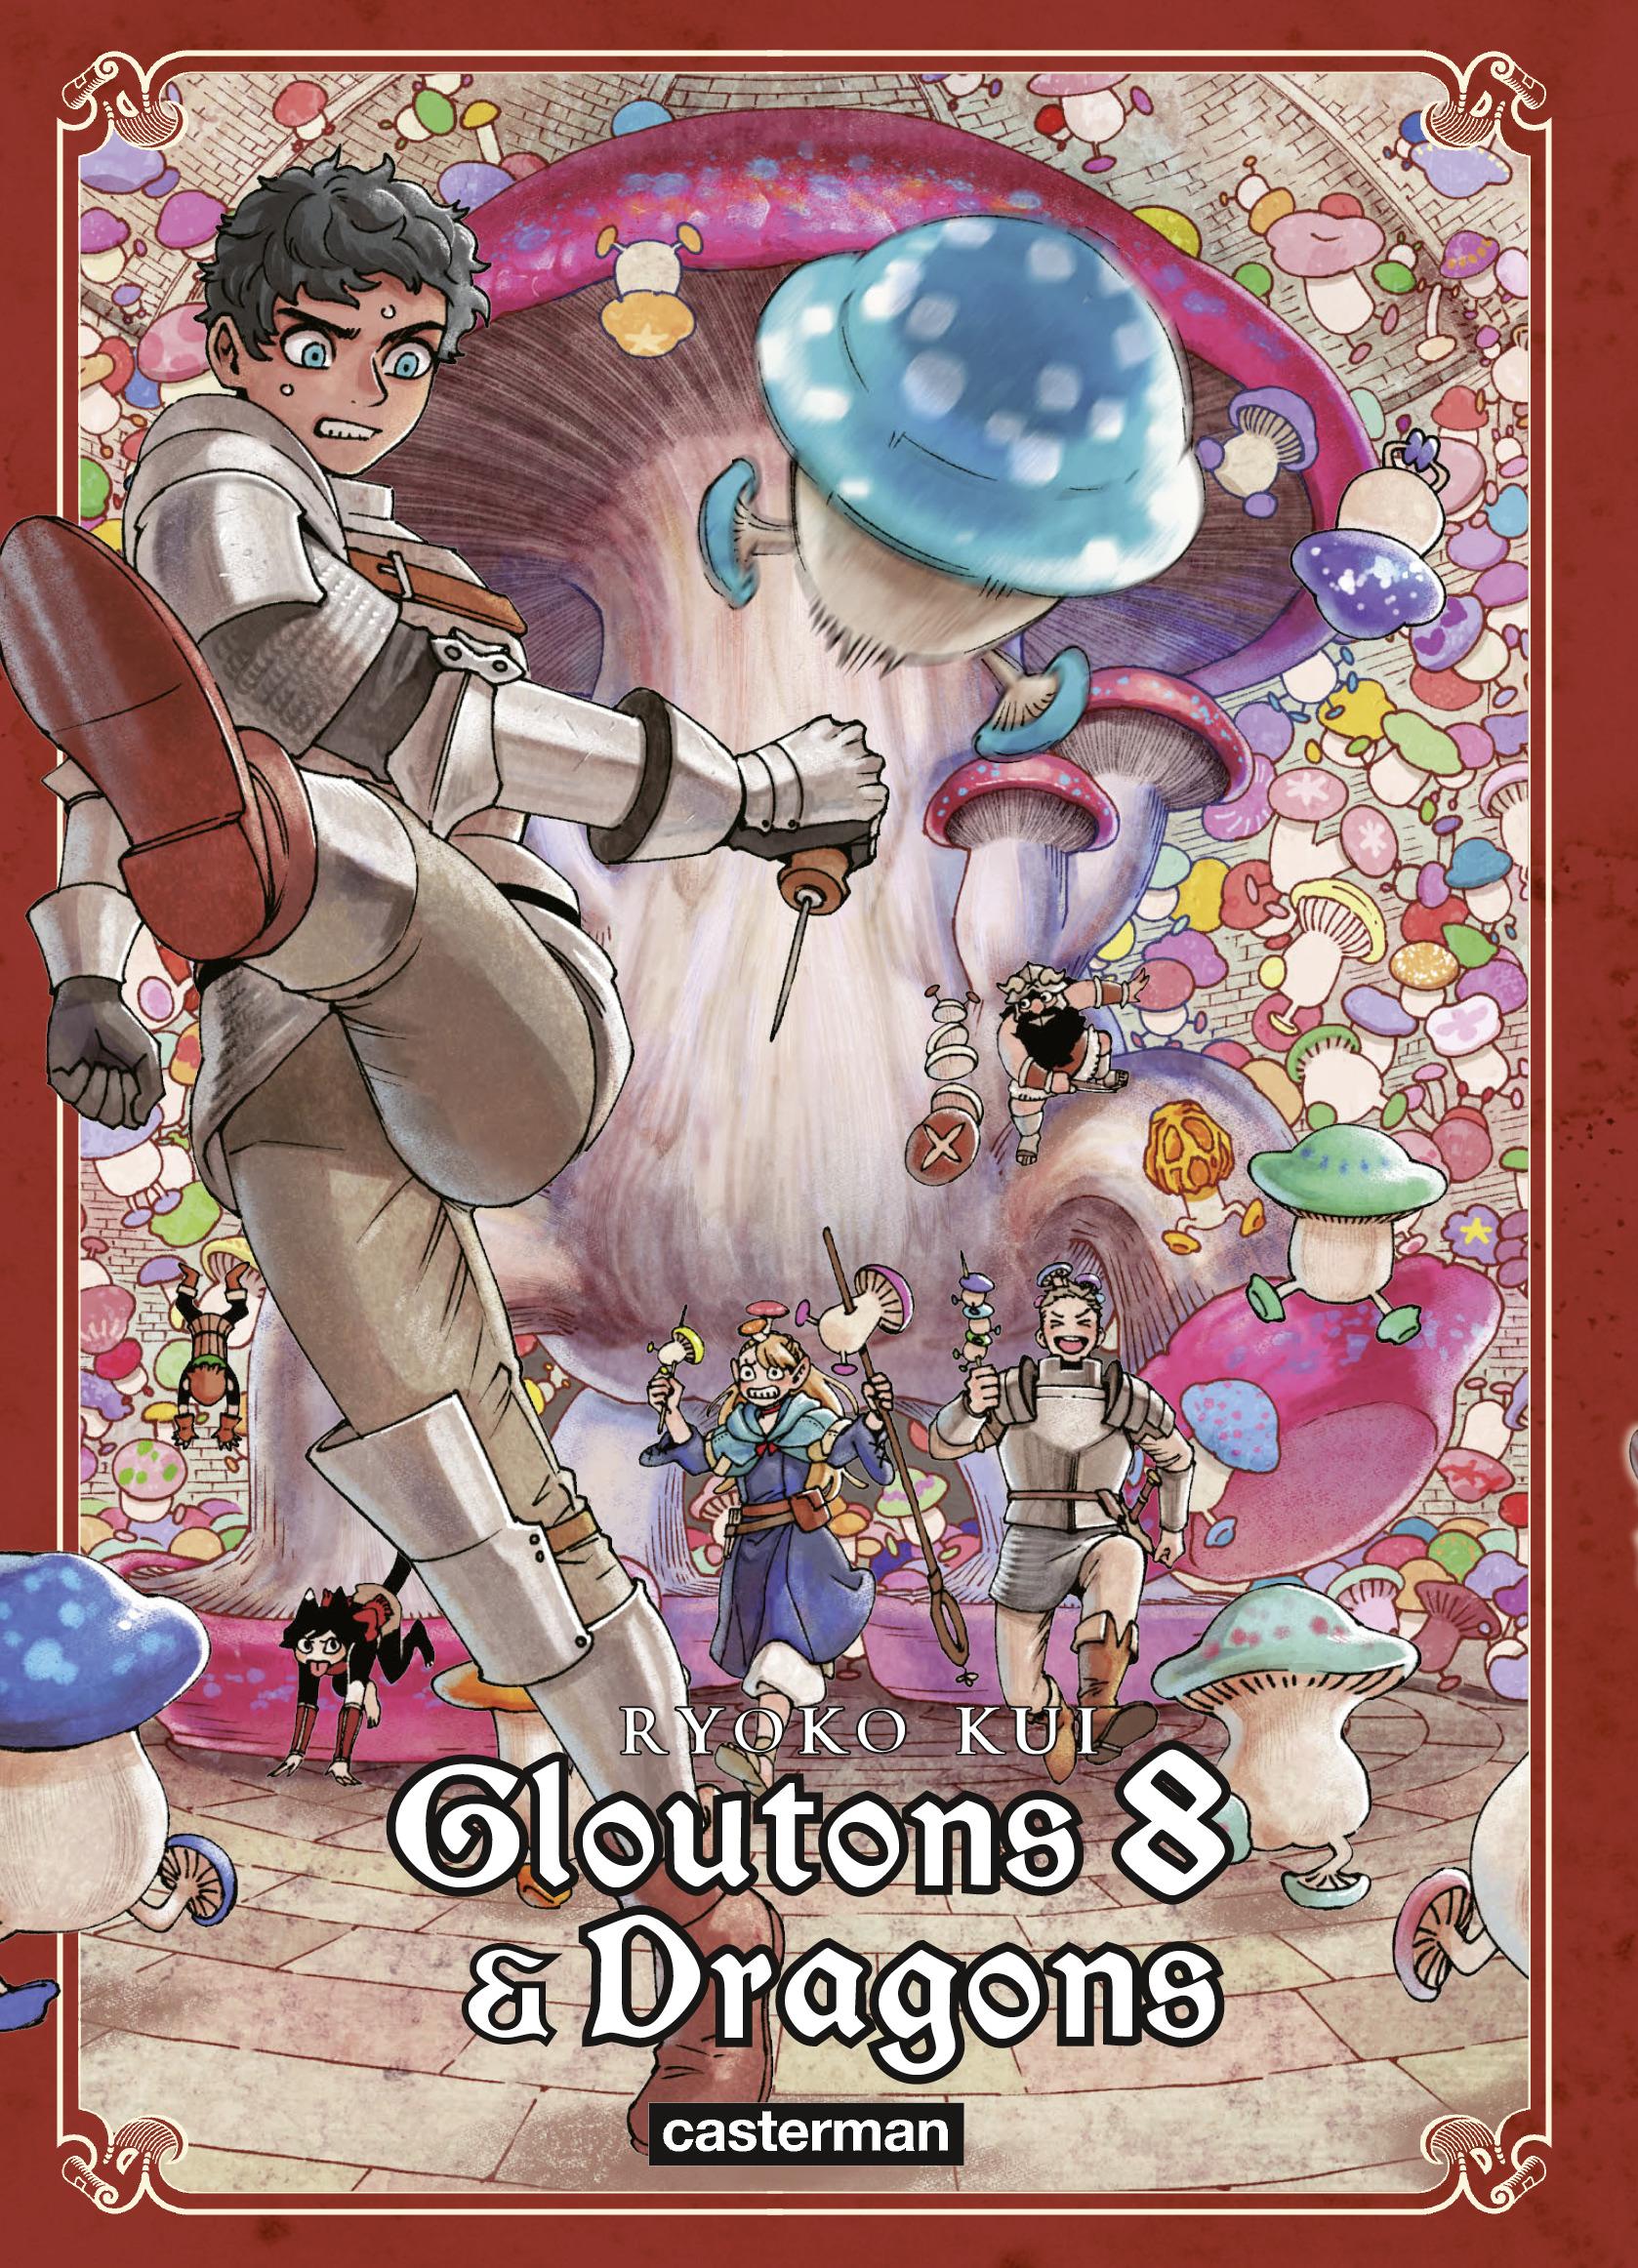 Gloutons & Dragons 8